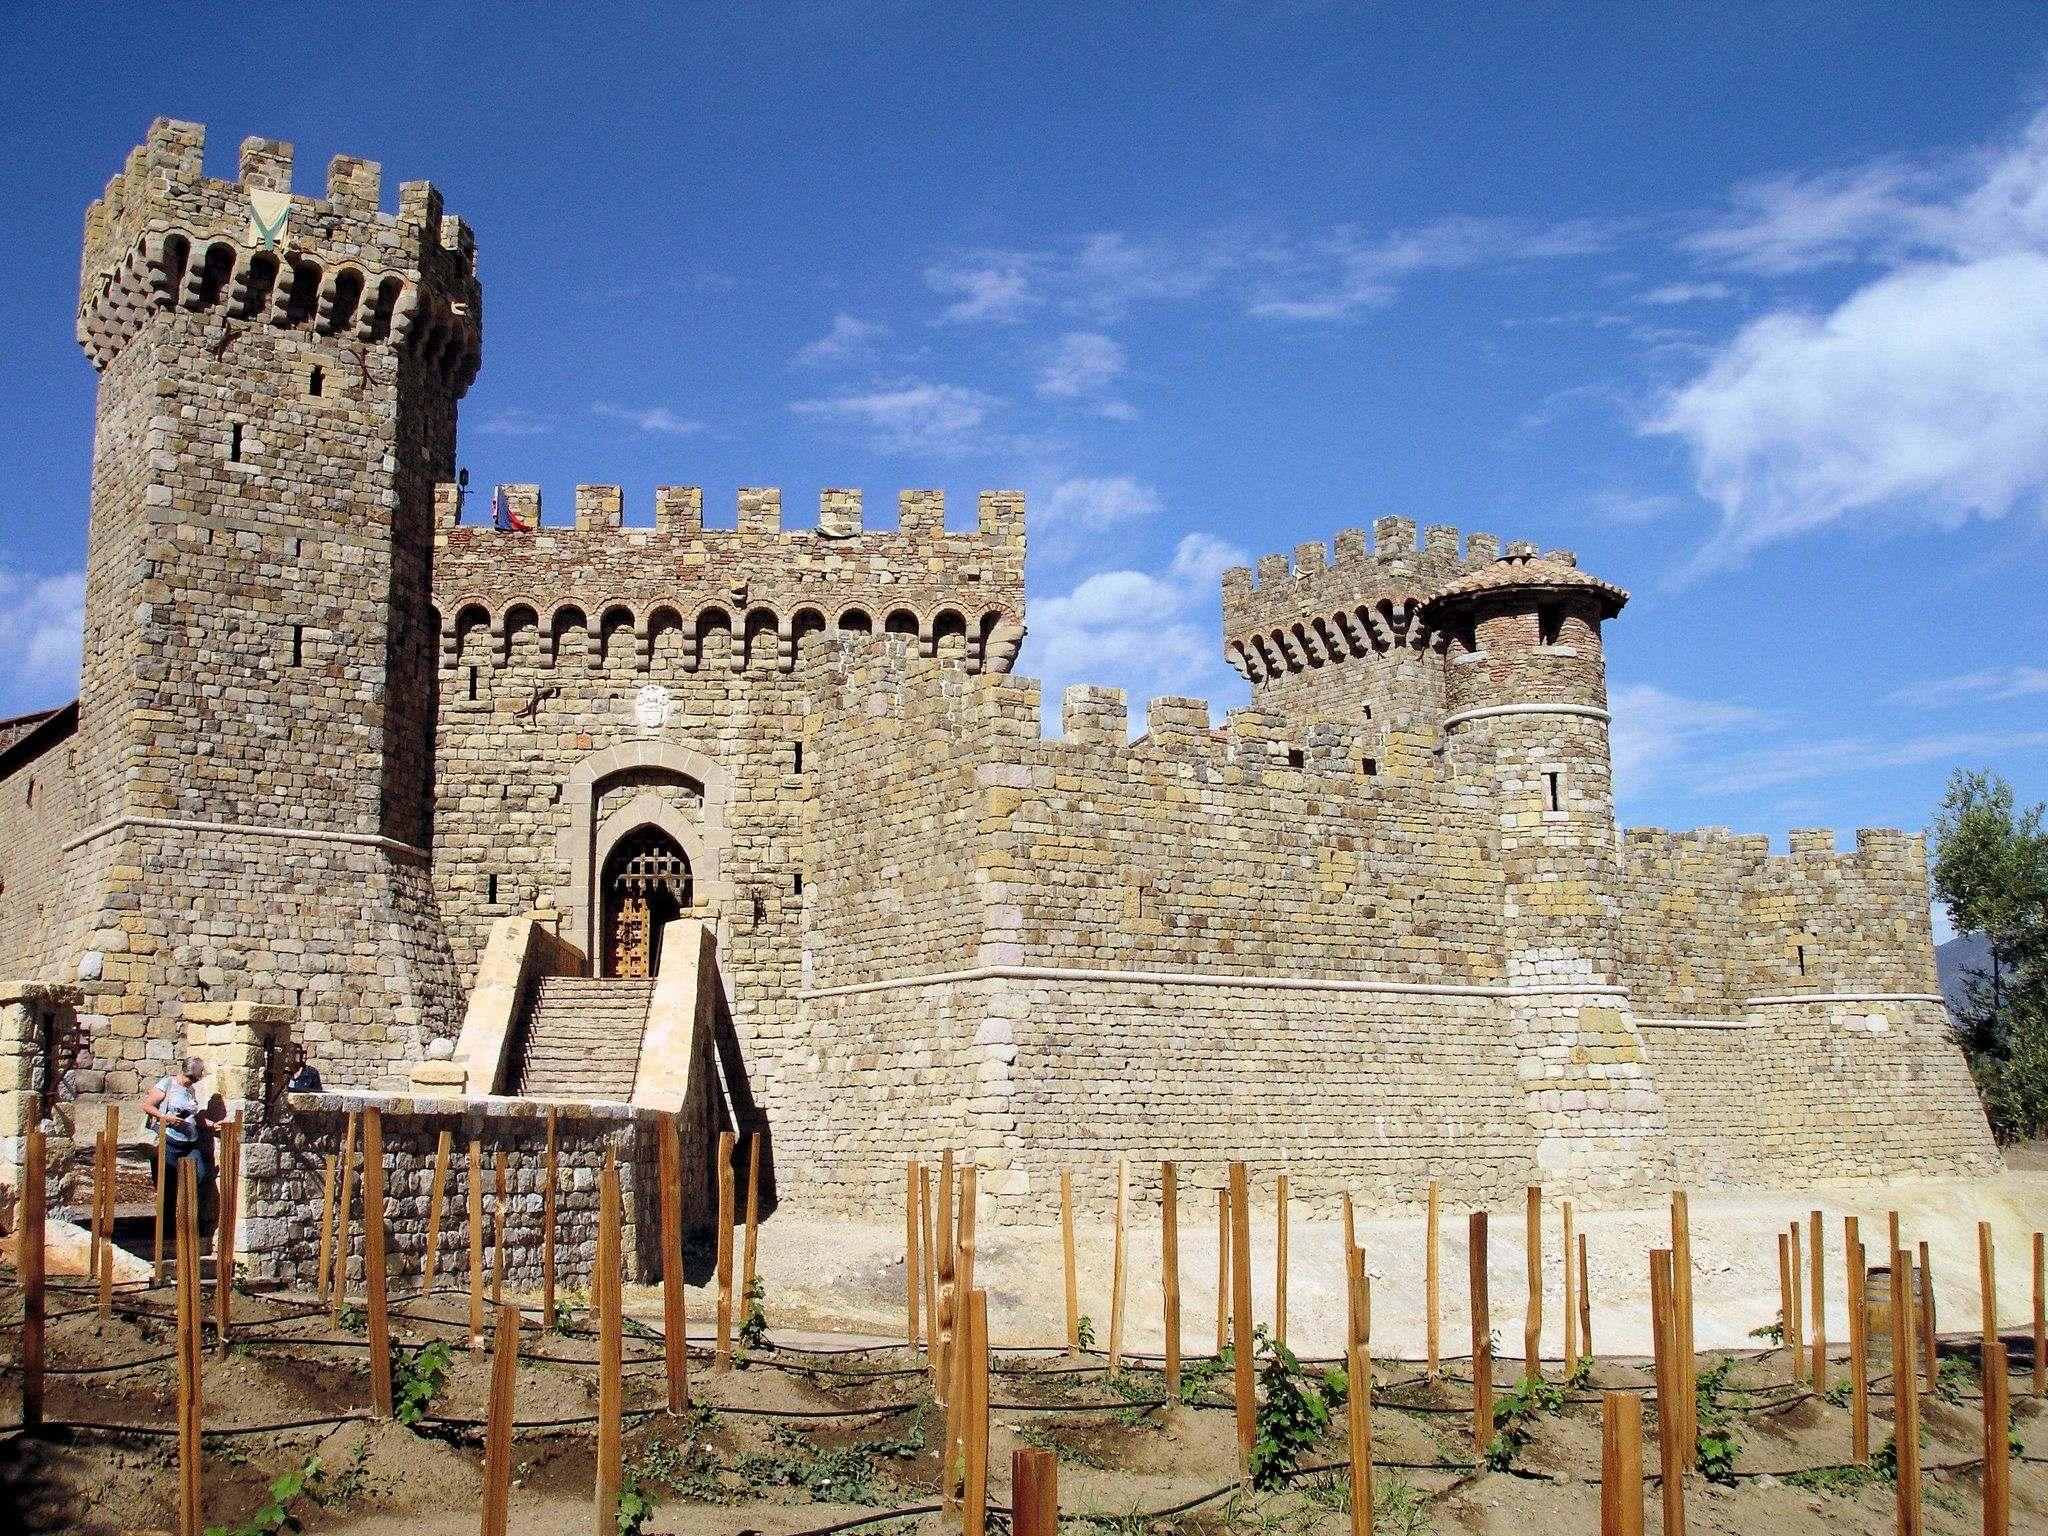 castello di amorosa7 Castello di Amorosa Winery in Napa Valley, California